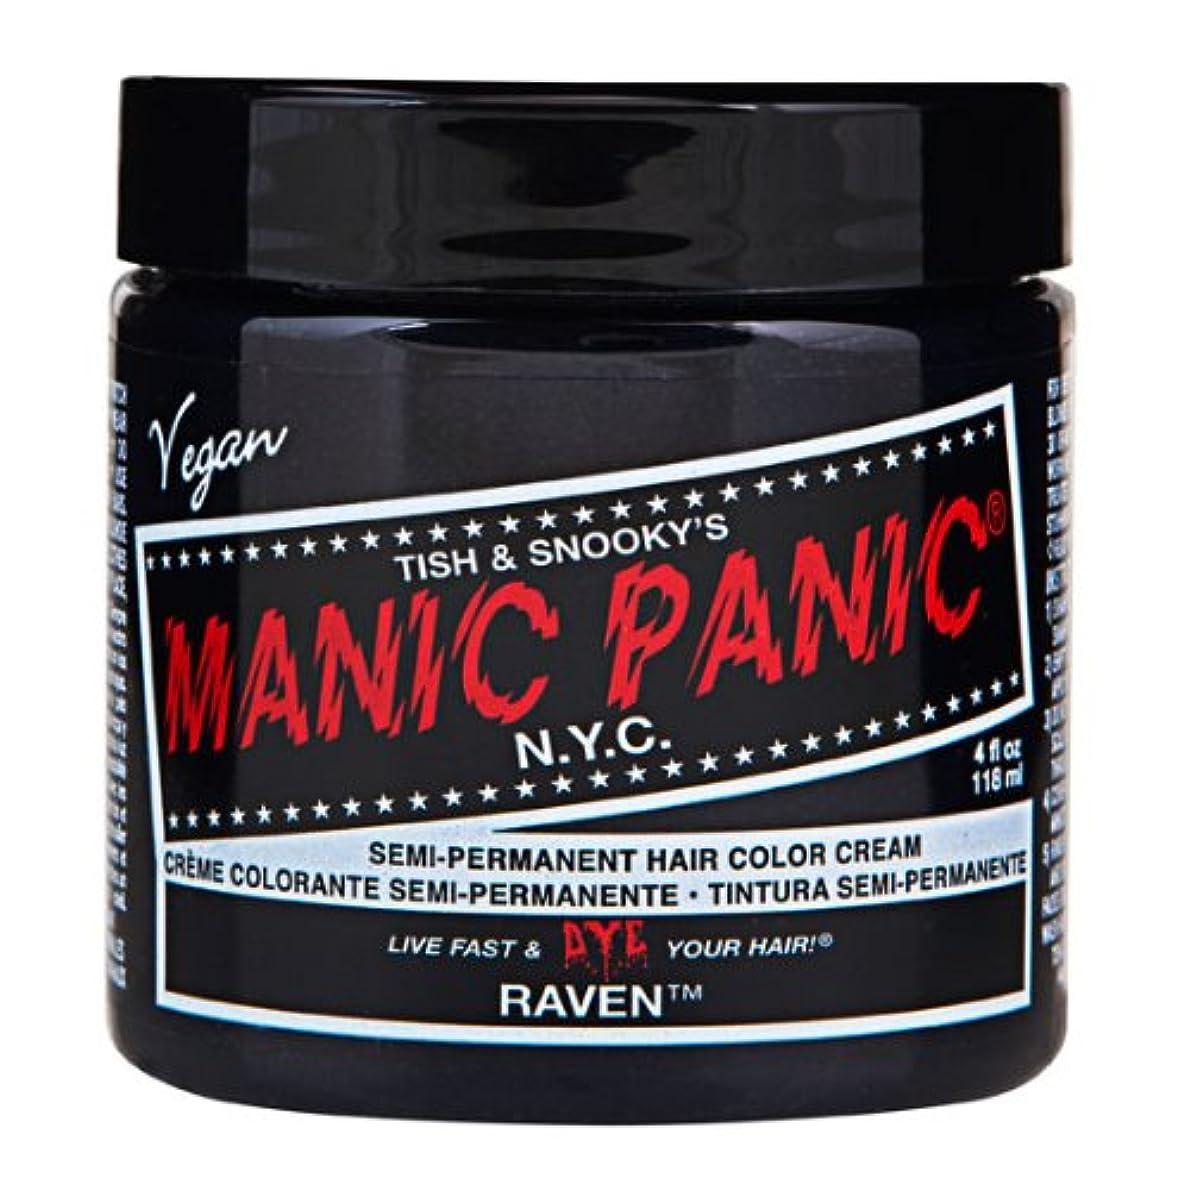 故意の火薬控えるマニックパニック MANIC PANIC ヘアカラー 118mlレイヴァン ヘアーカラー